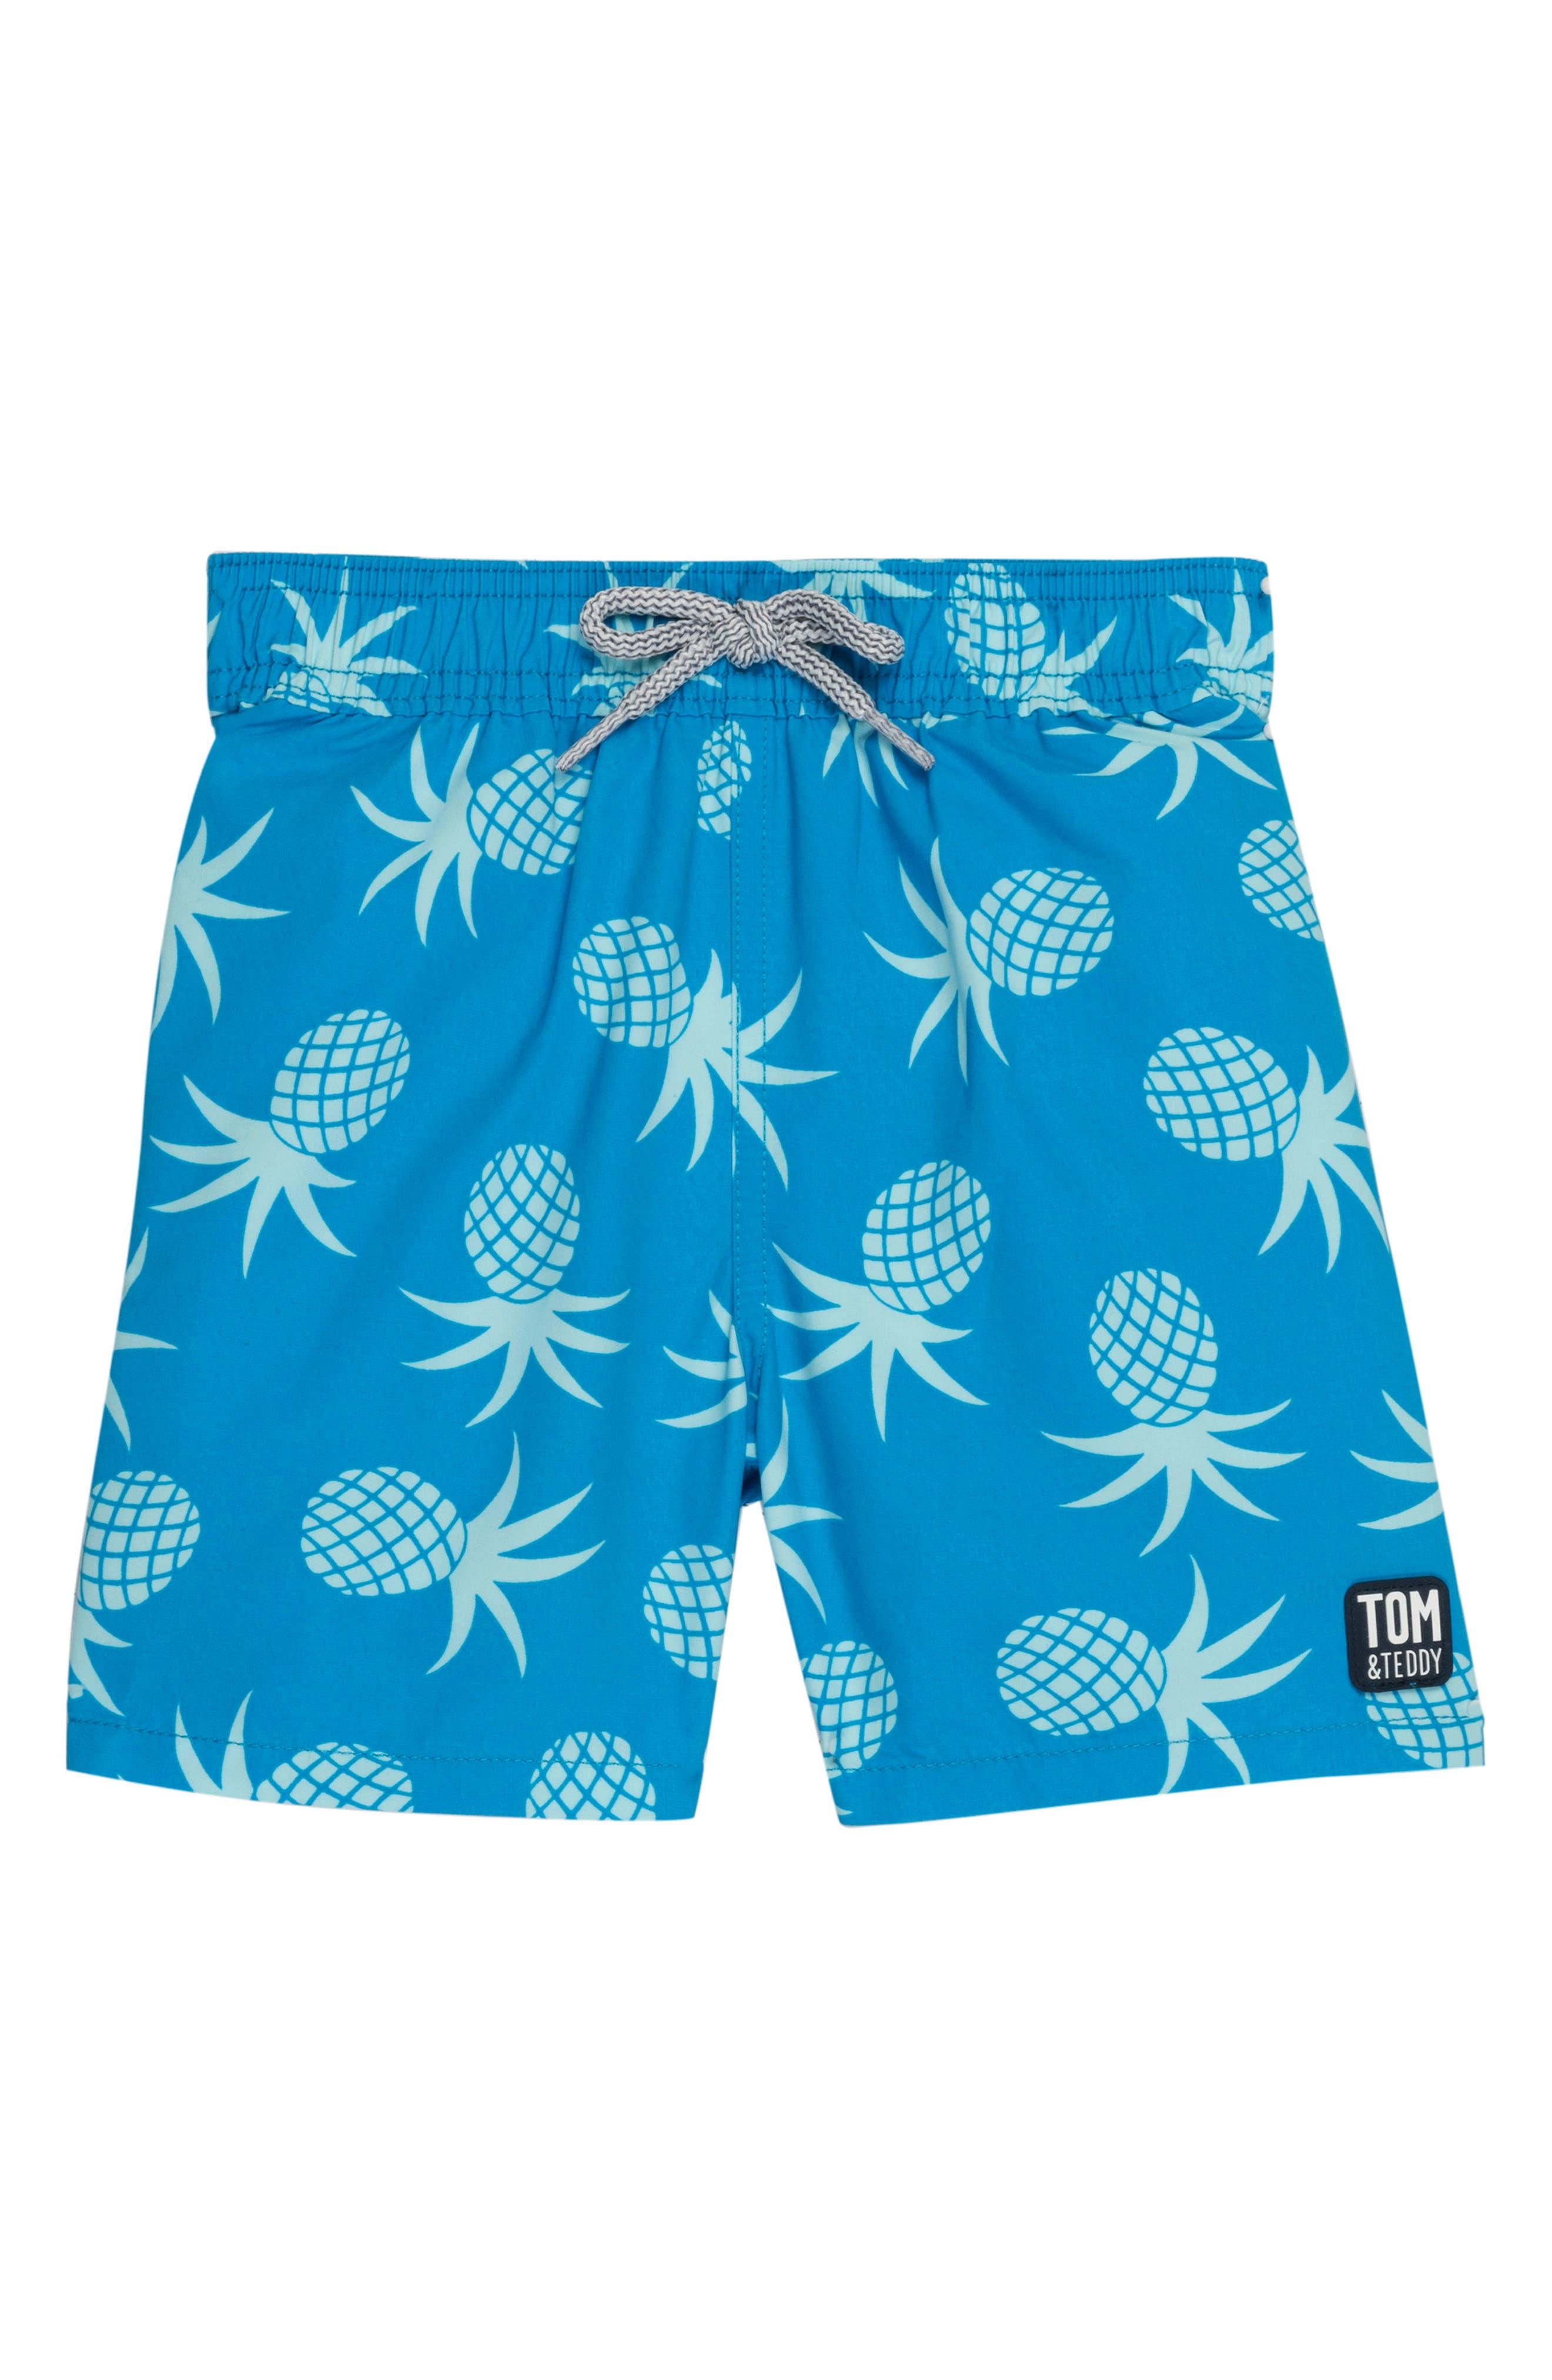 New Toddler Kids Boys 4T 5T 6T UV Protection Inner Brief Swim Shorts Trunks